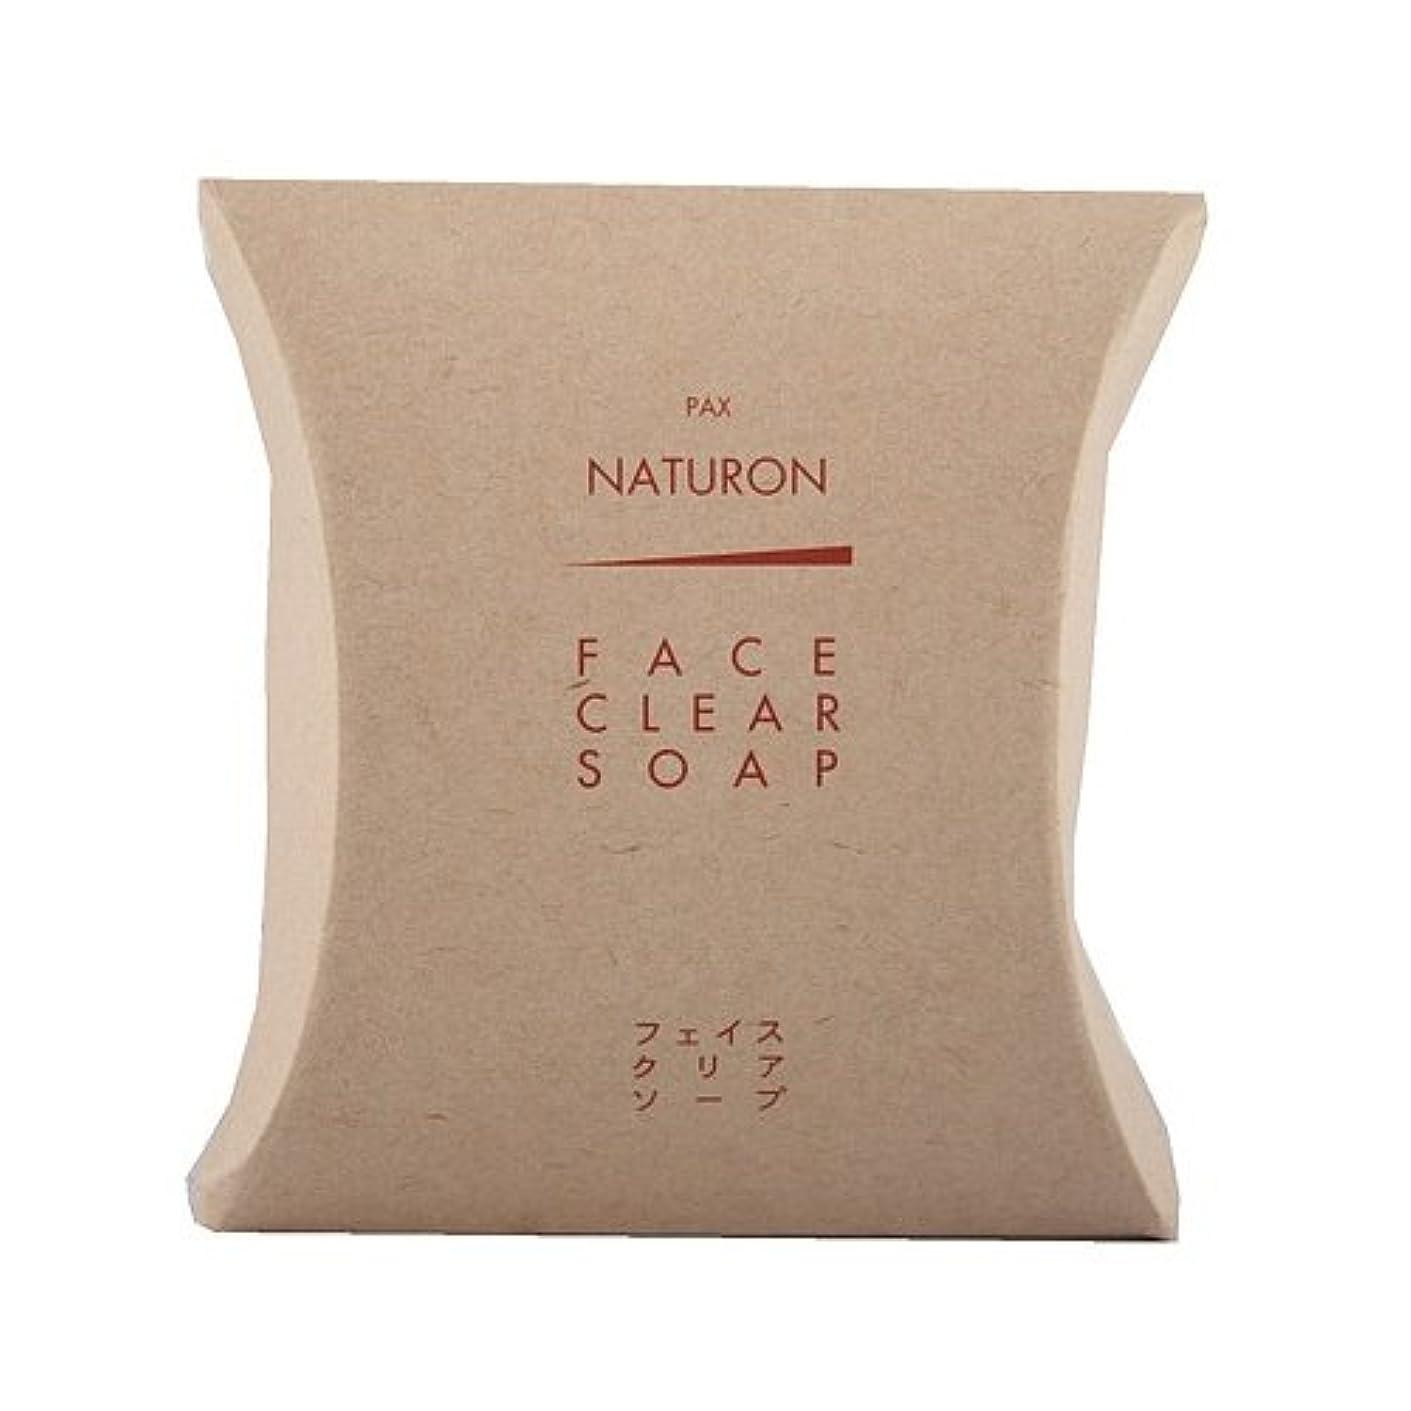 謙虚アストロラーベ美しいパックスナチュロンフェイスクリアソープ (洗顔用固形石鹸) 95g